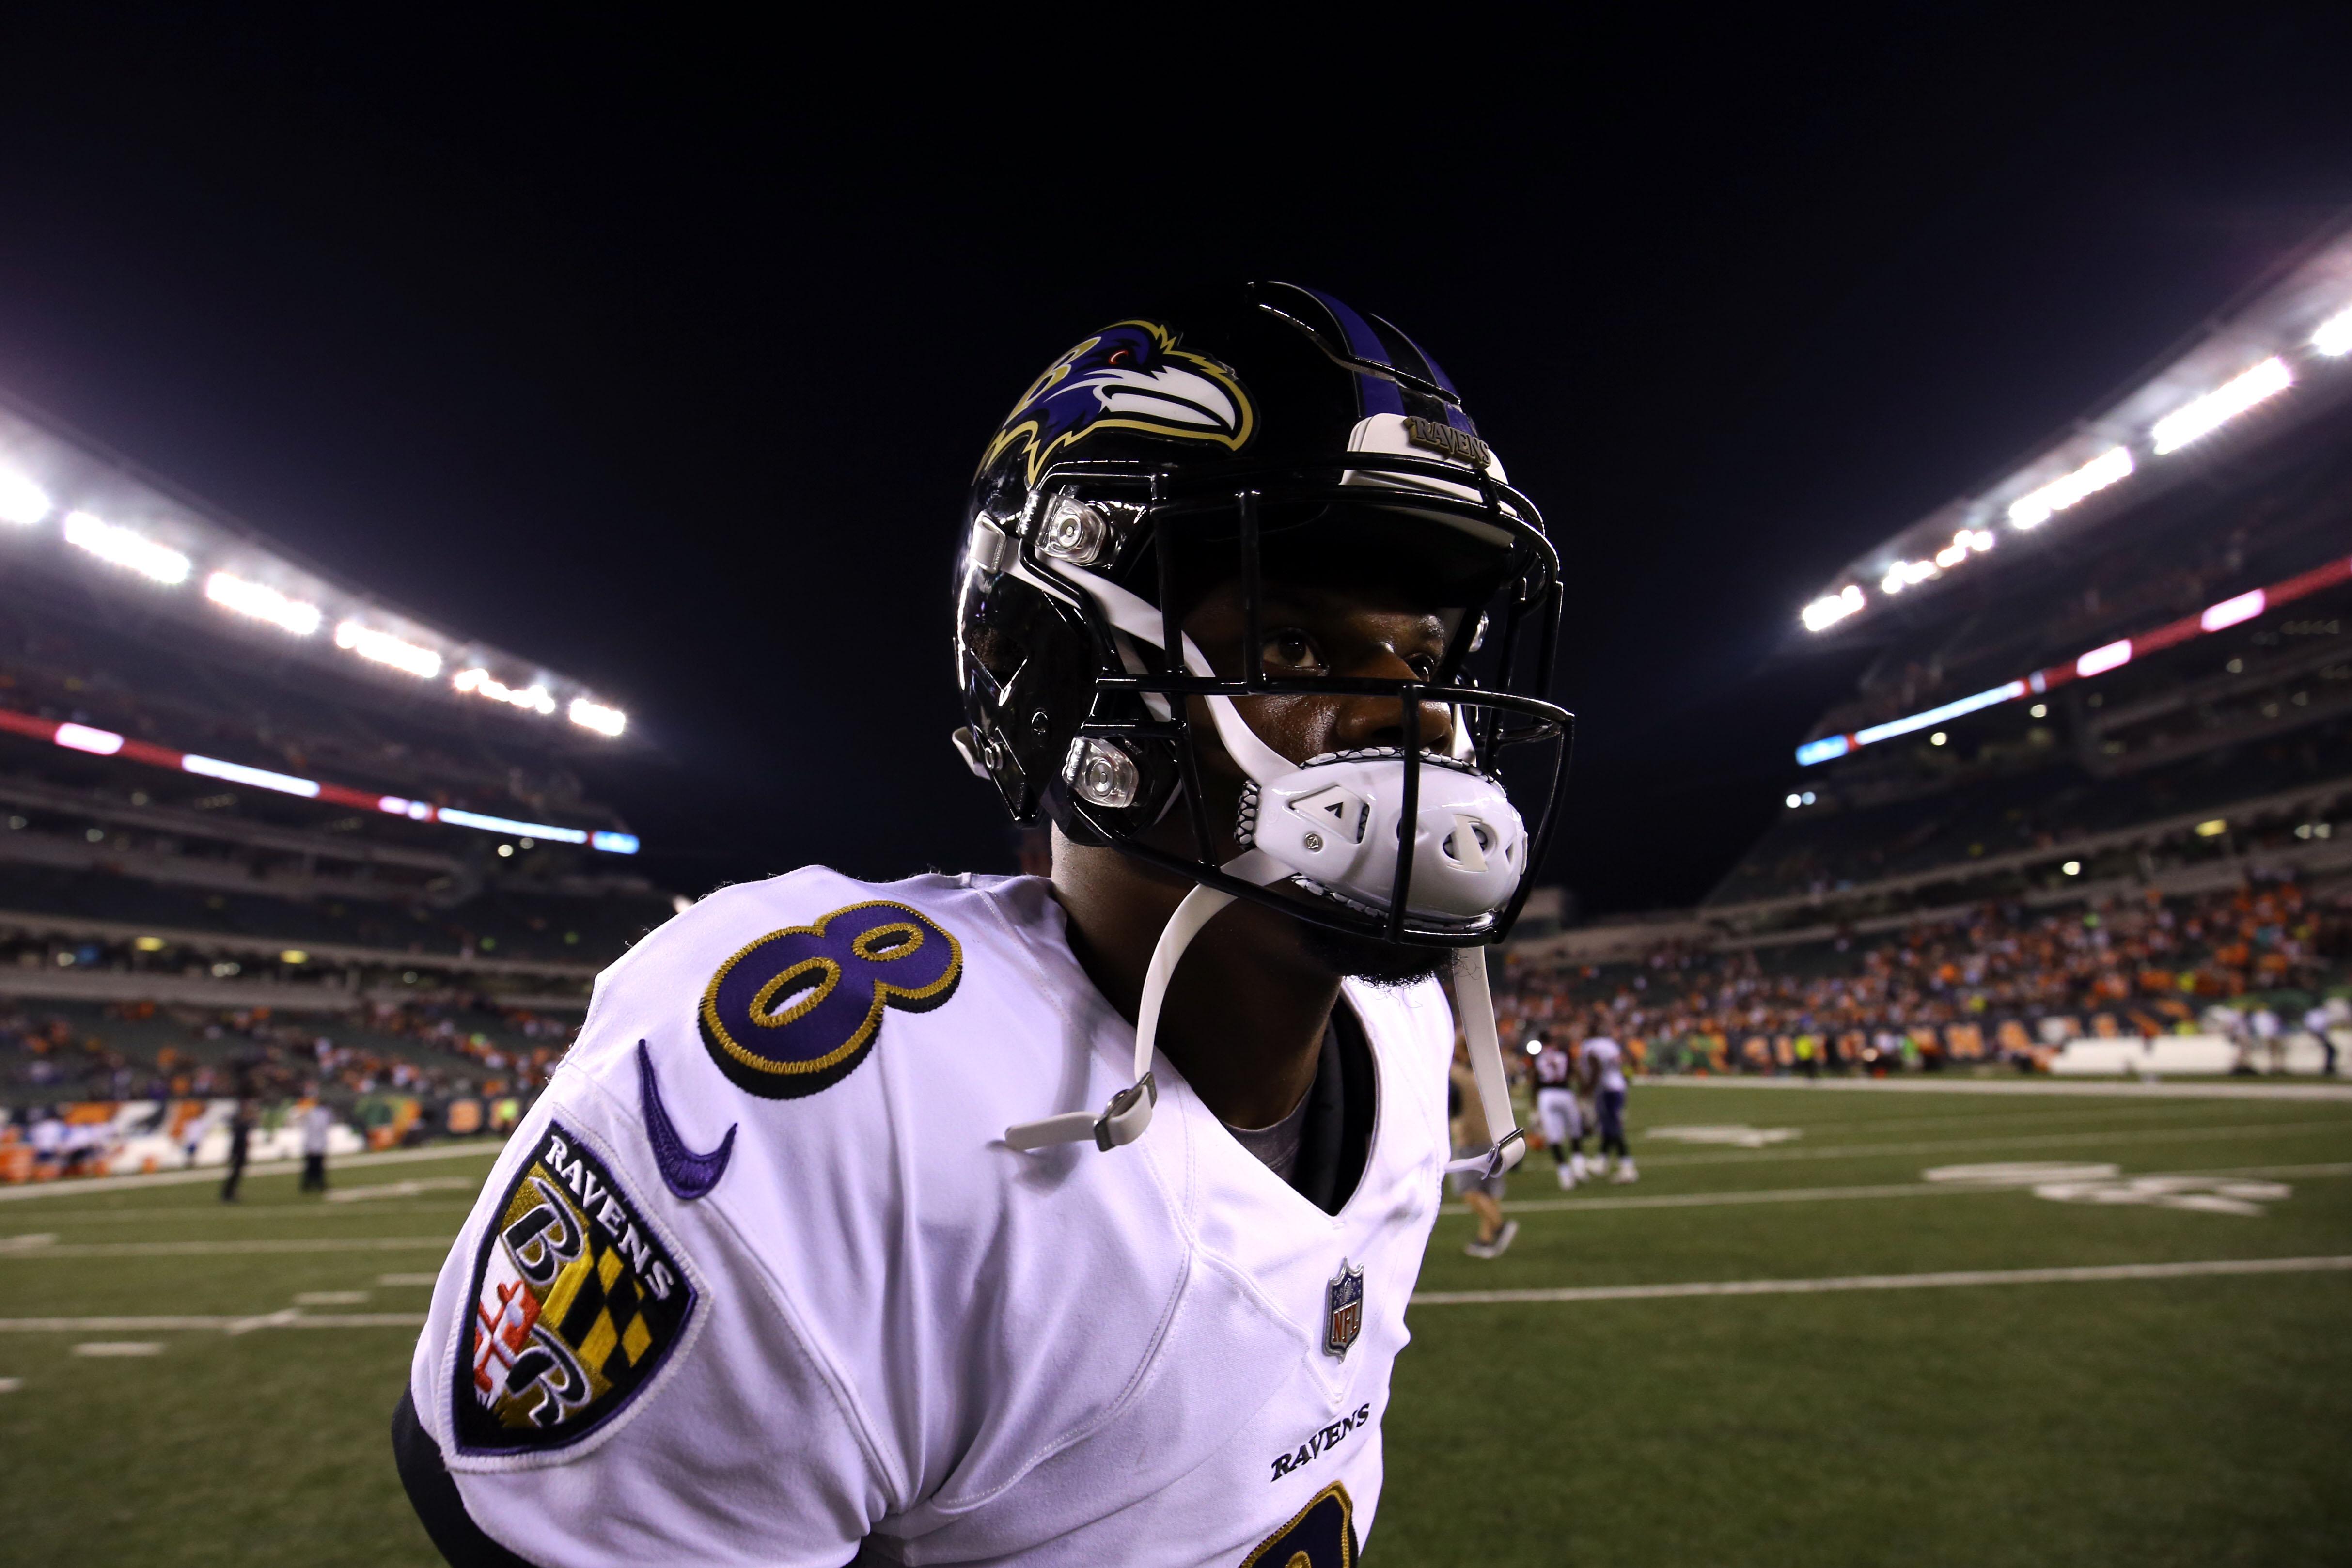 NFL: Baltimore Ravens at Cincinnati Bengals